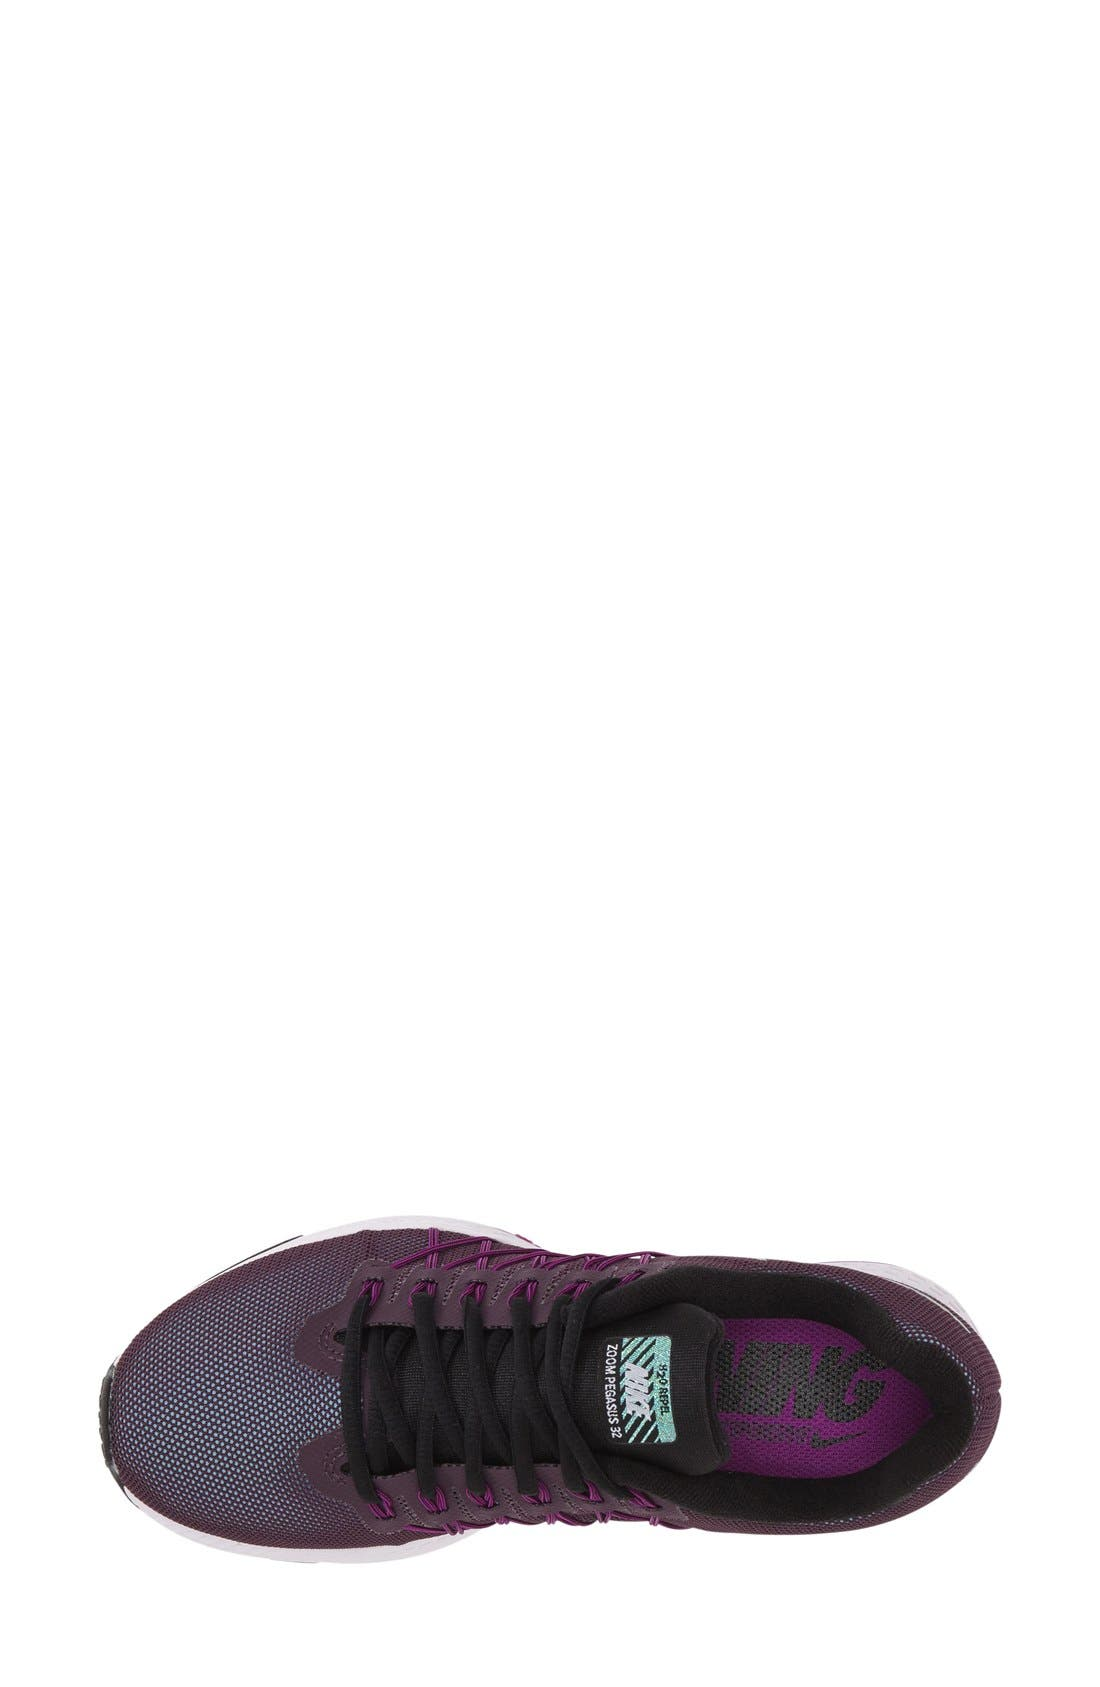 Alternate Image 3  - Nike 'Zoom Pegasus 32 - Flash' h2o Repel Running Shoe (Women)